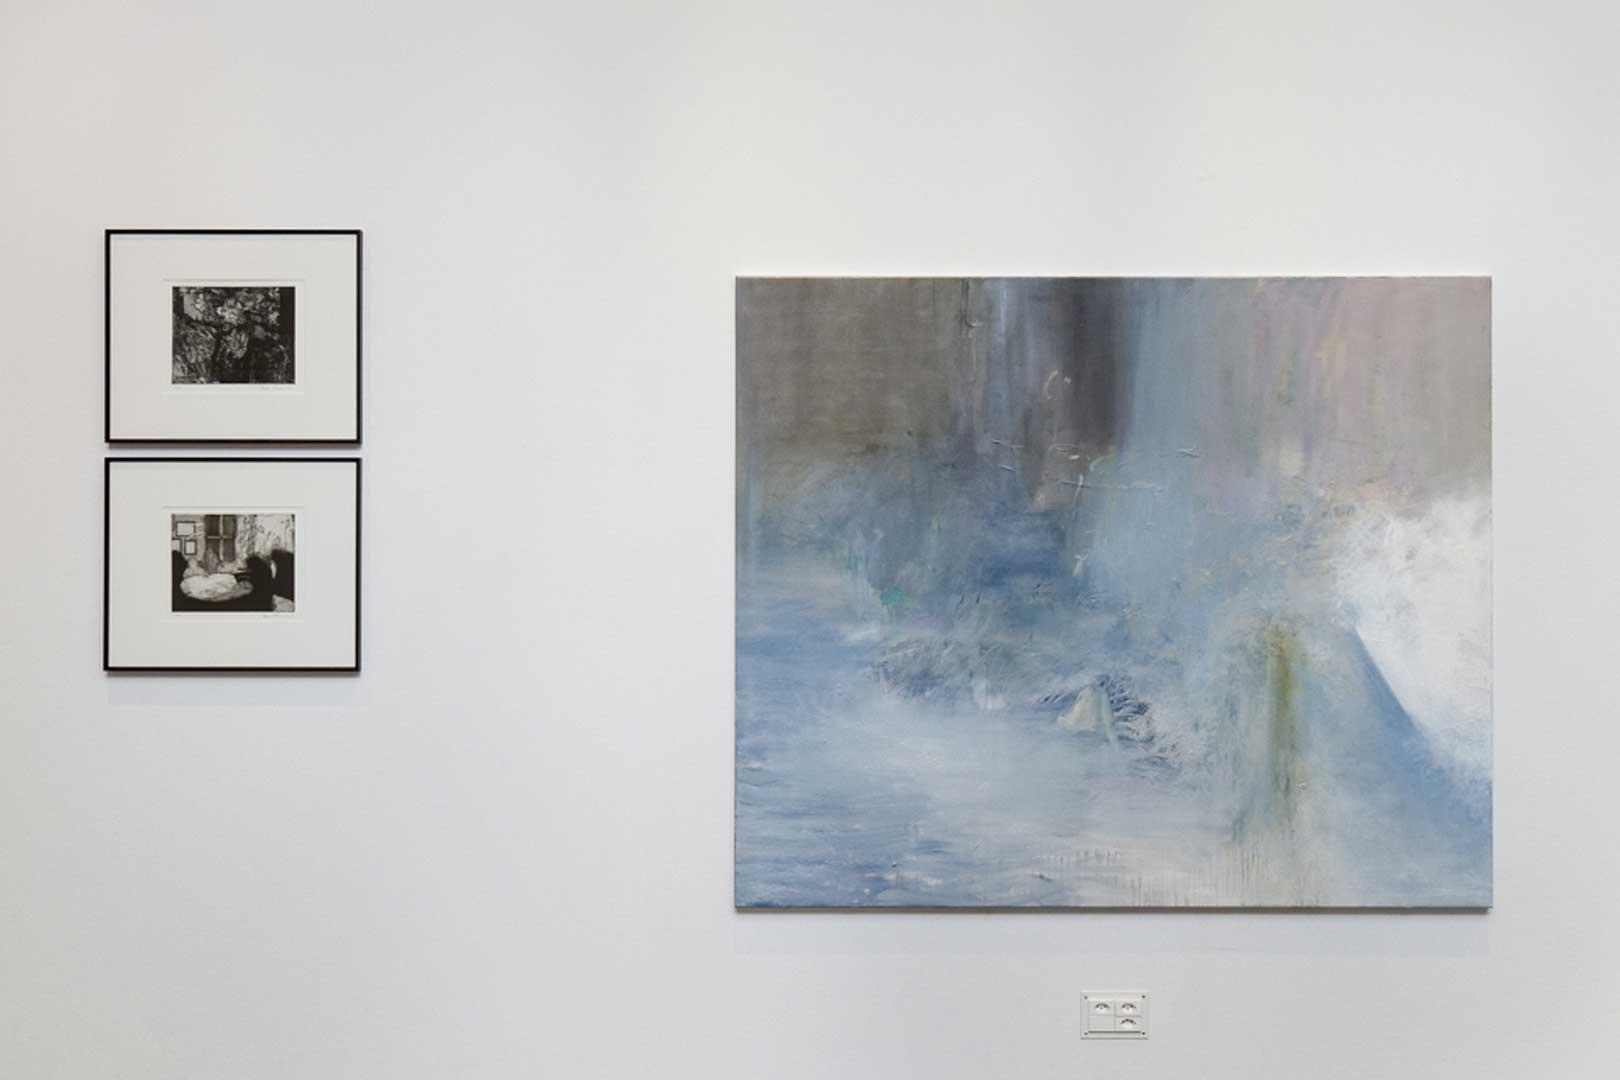 Klasse Valérie Favre, Galerie C, Neuchâtel, Switzerland, 2013